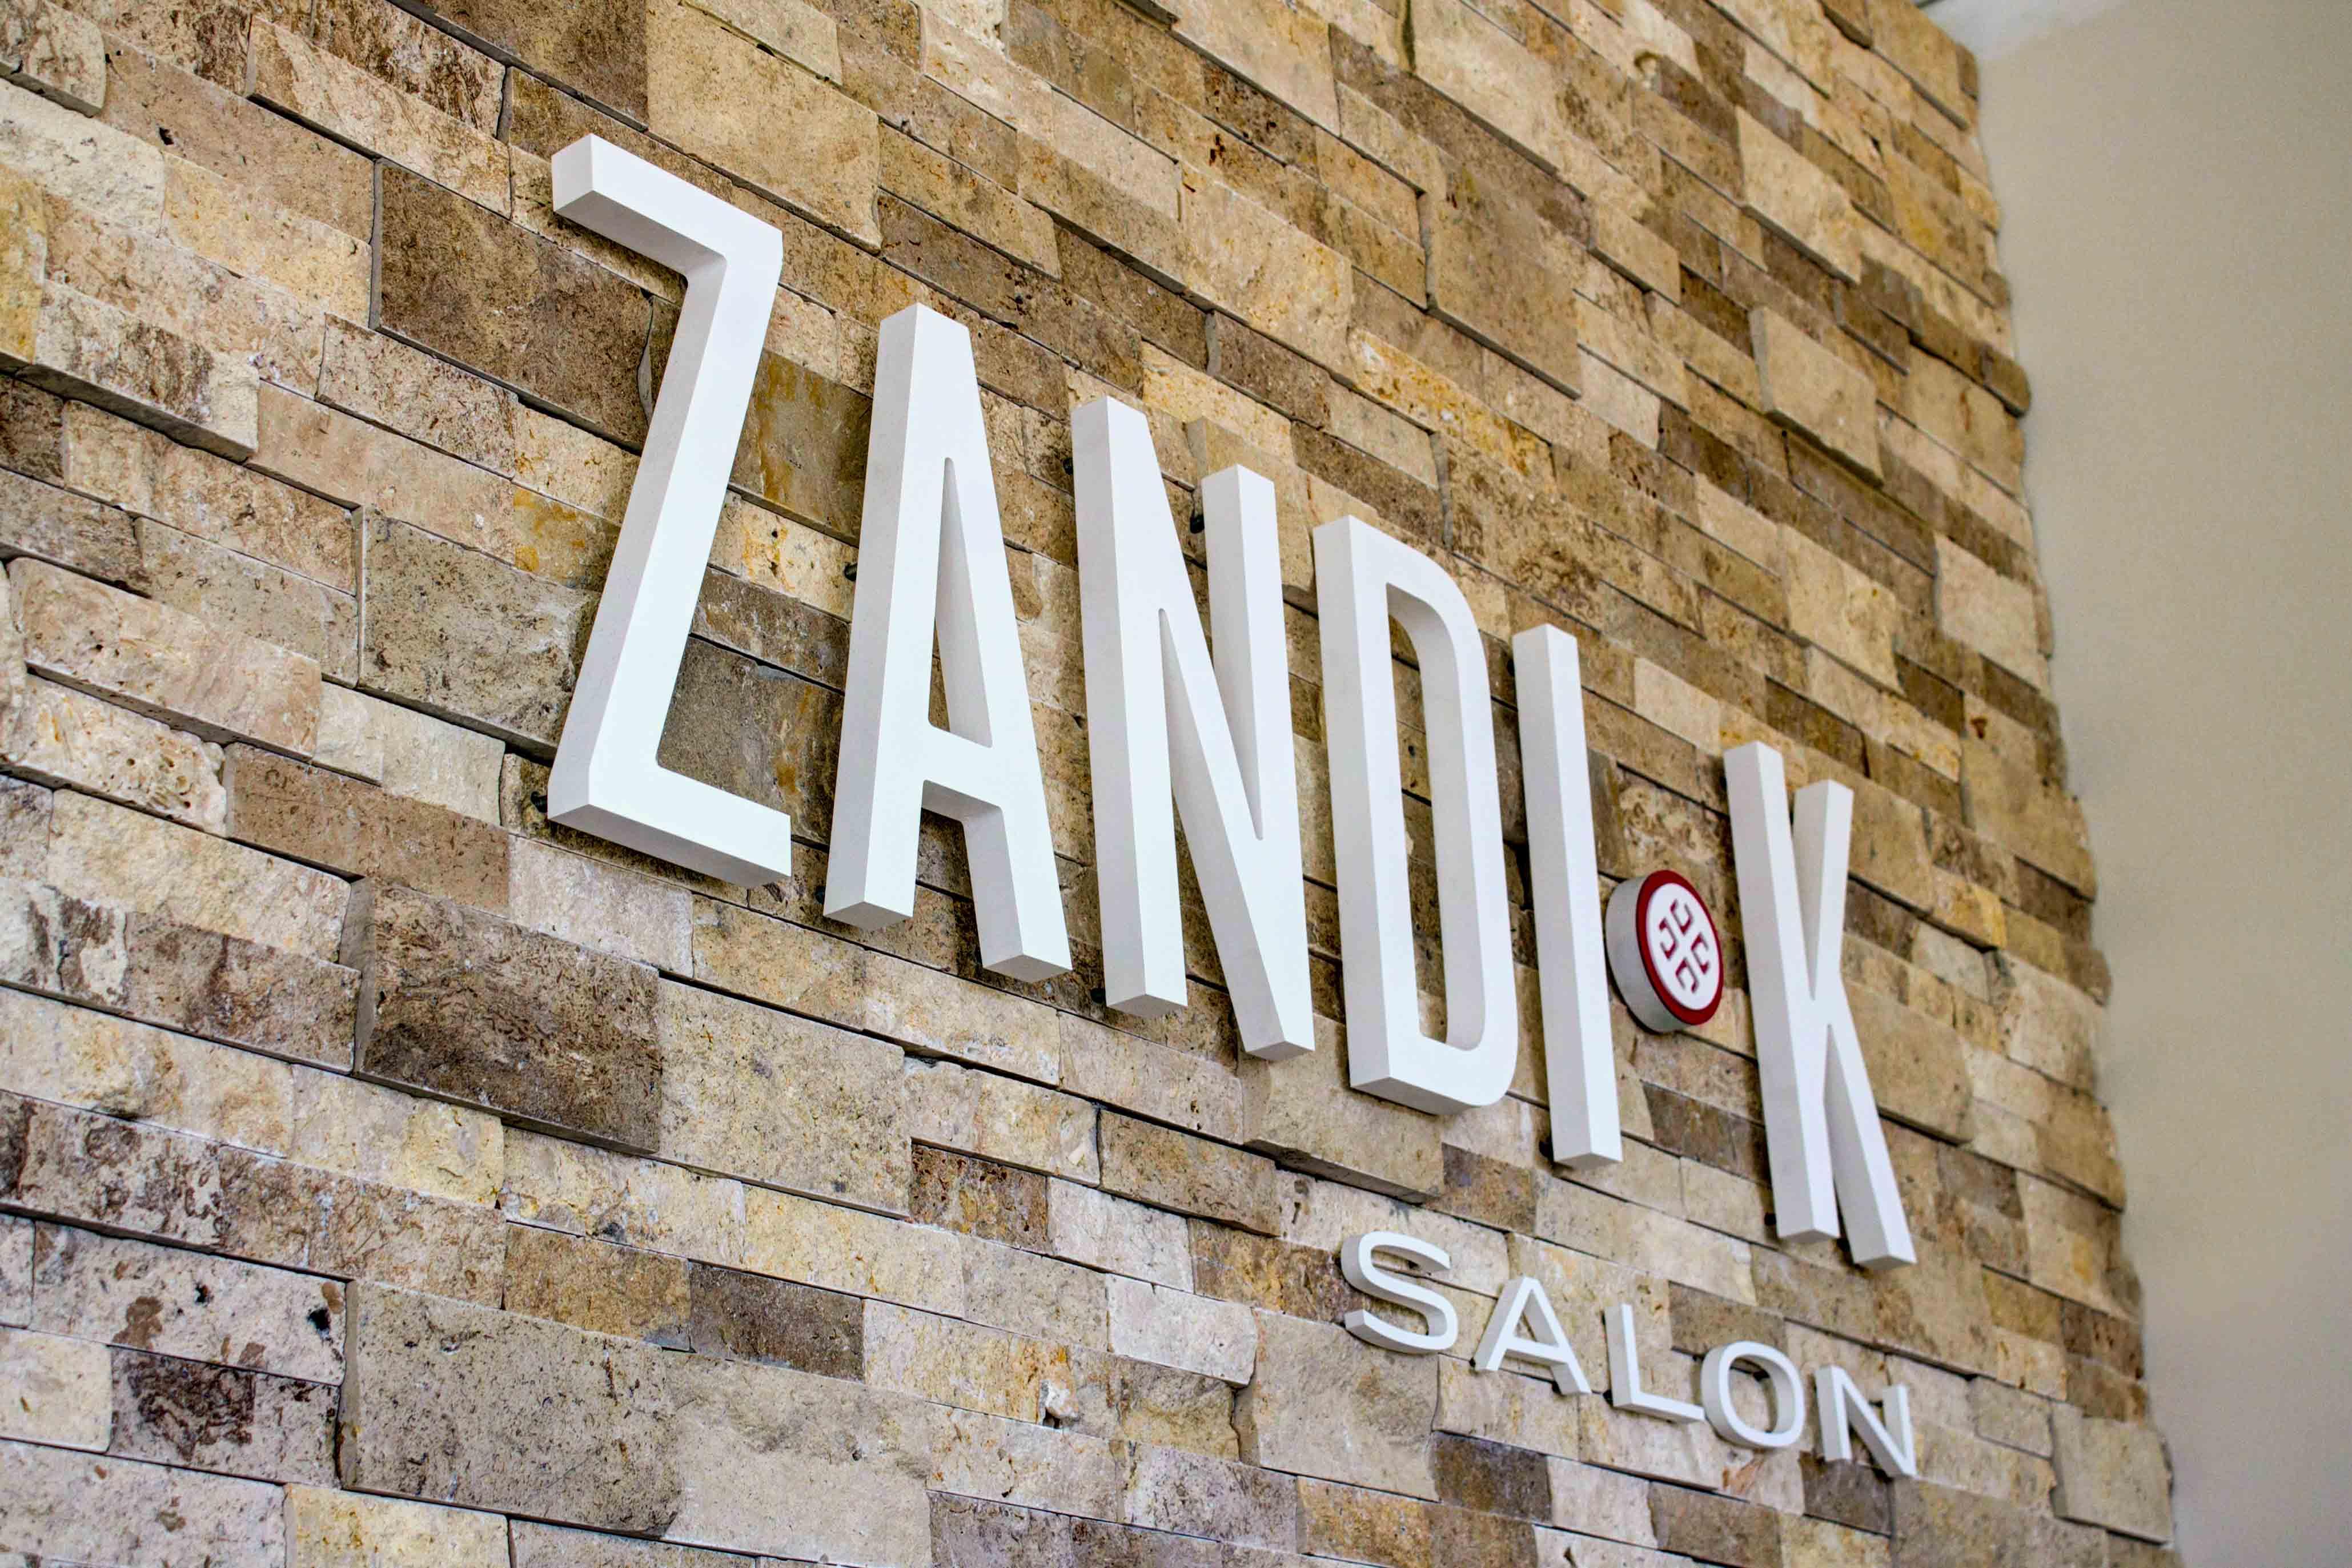 Zandi K Hair & Skin Studio